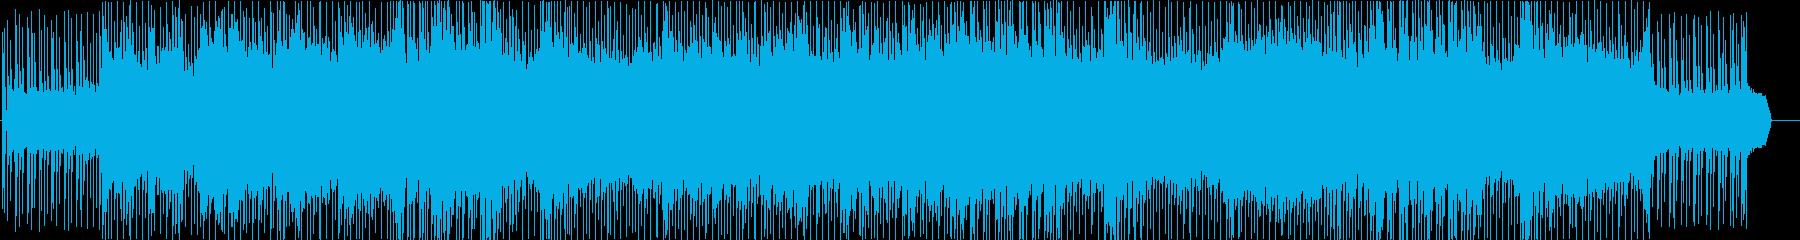 シューティング戦闘曲 SKY HIGH2の再生済みの波形